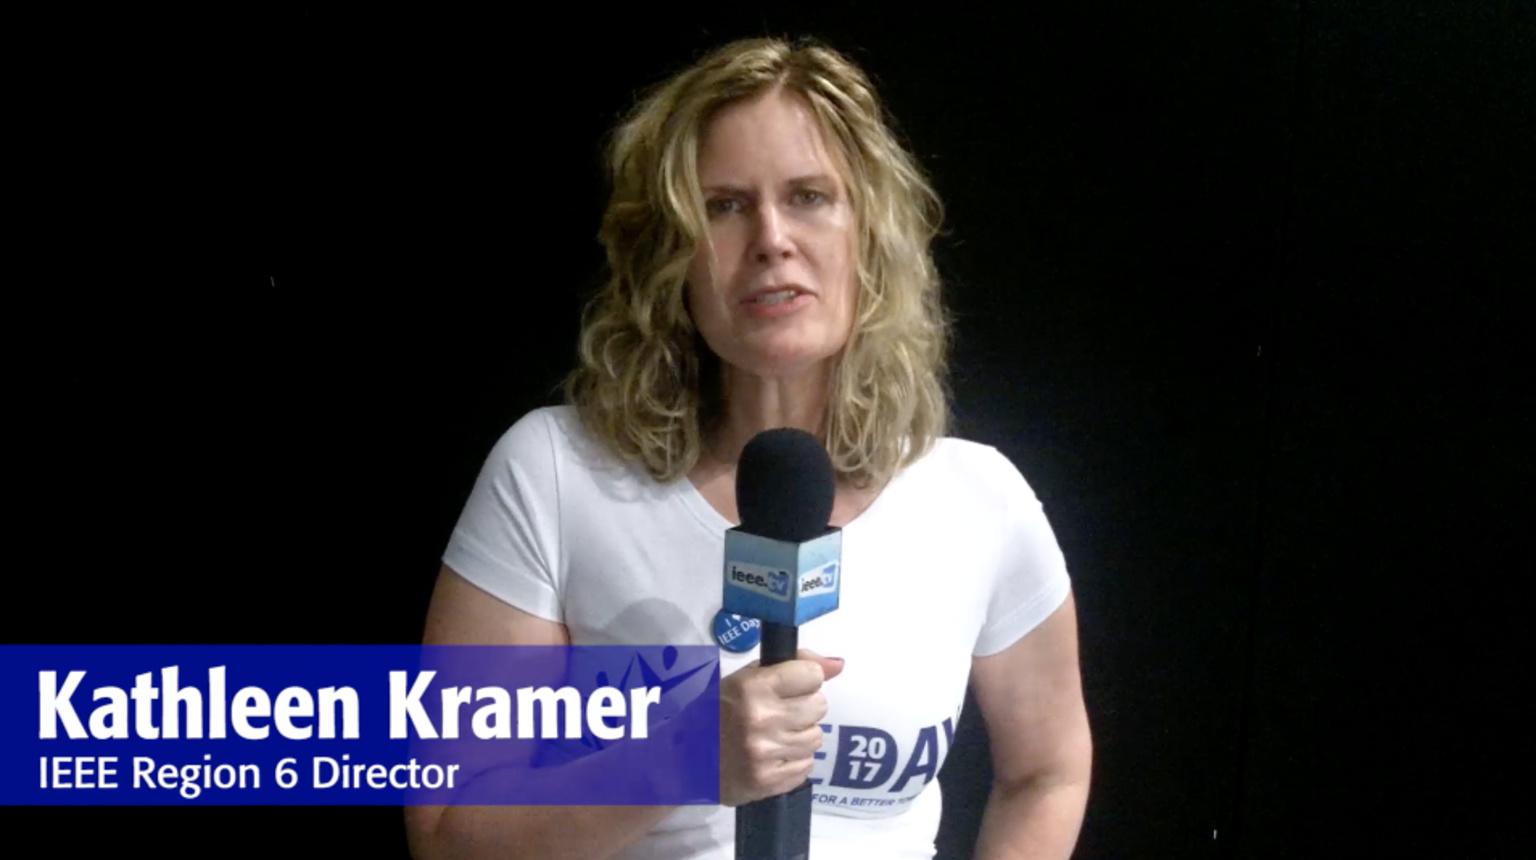 IEEE Day 2017 Testimonial: Kathleen Kramer